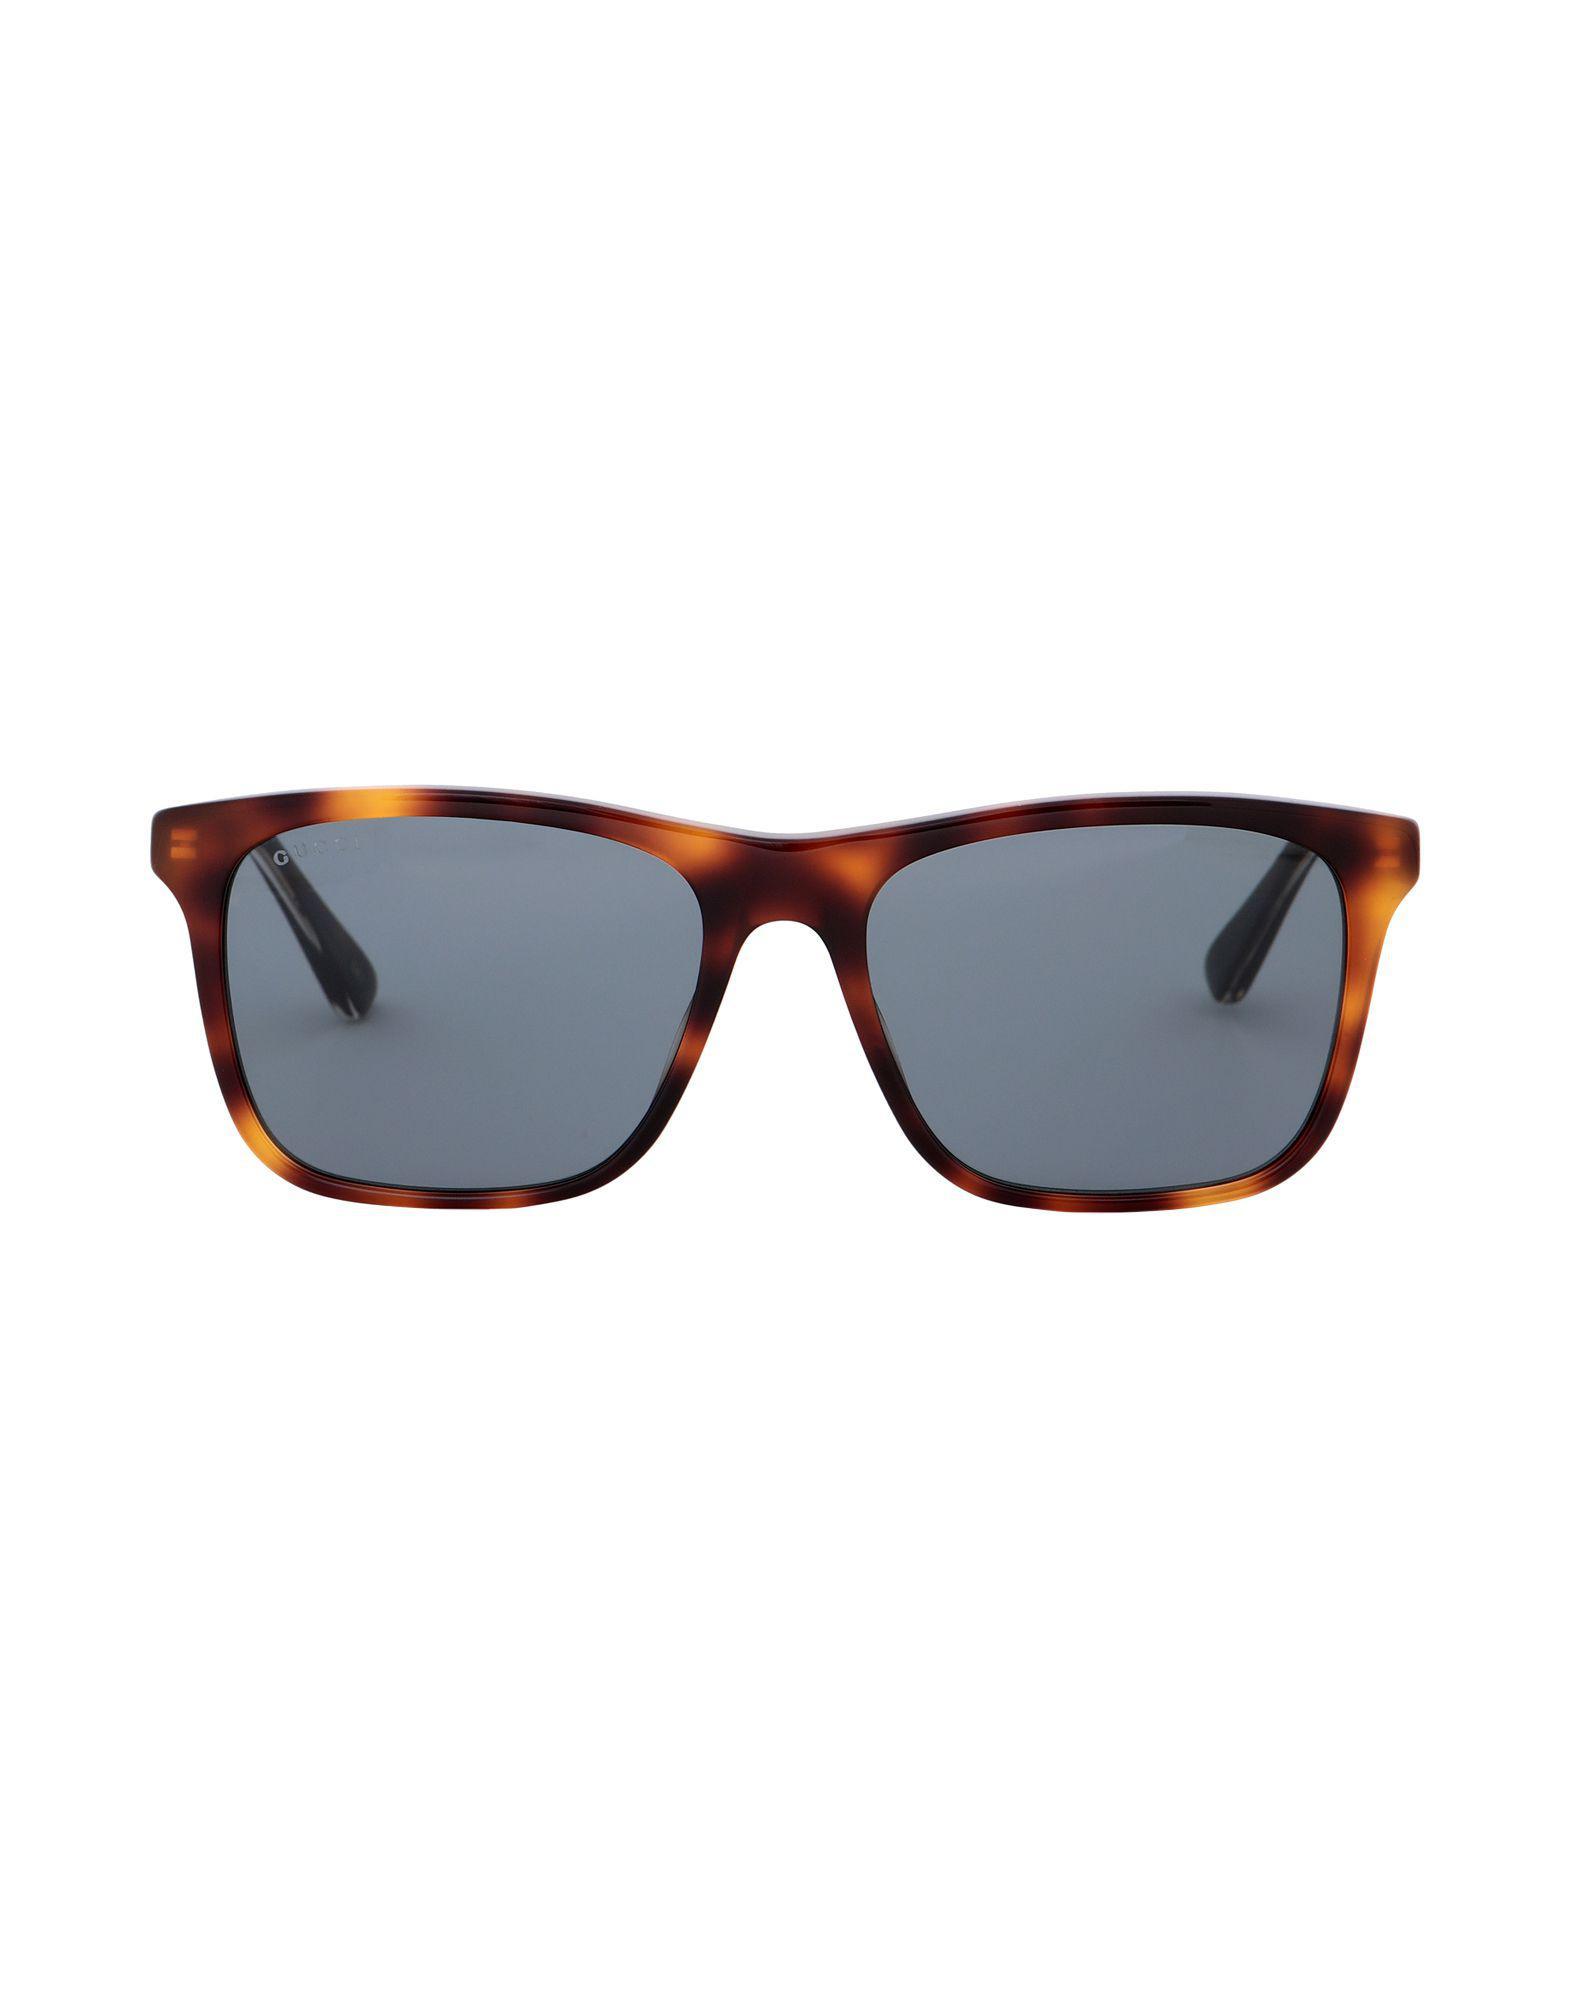 Lyst - Lunettes de soleil Gucci pour homme en coloris Bleu 76825e647269